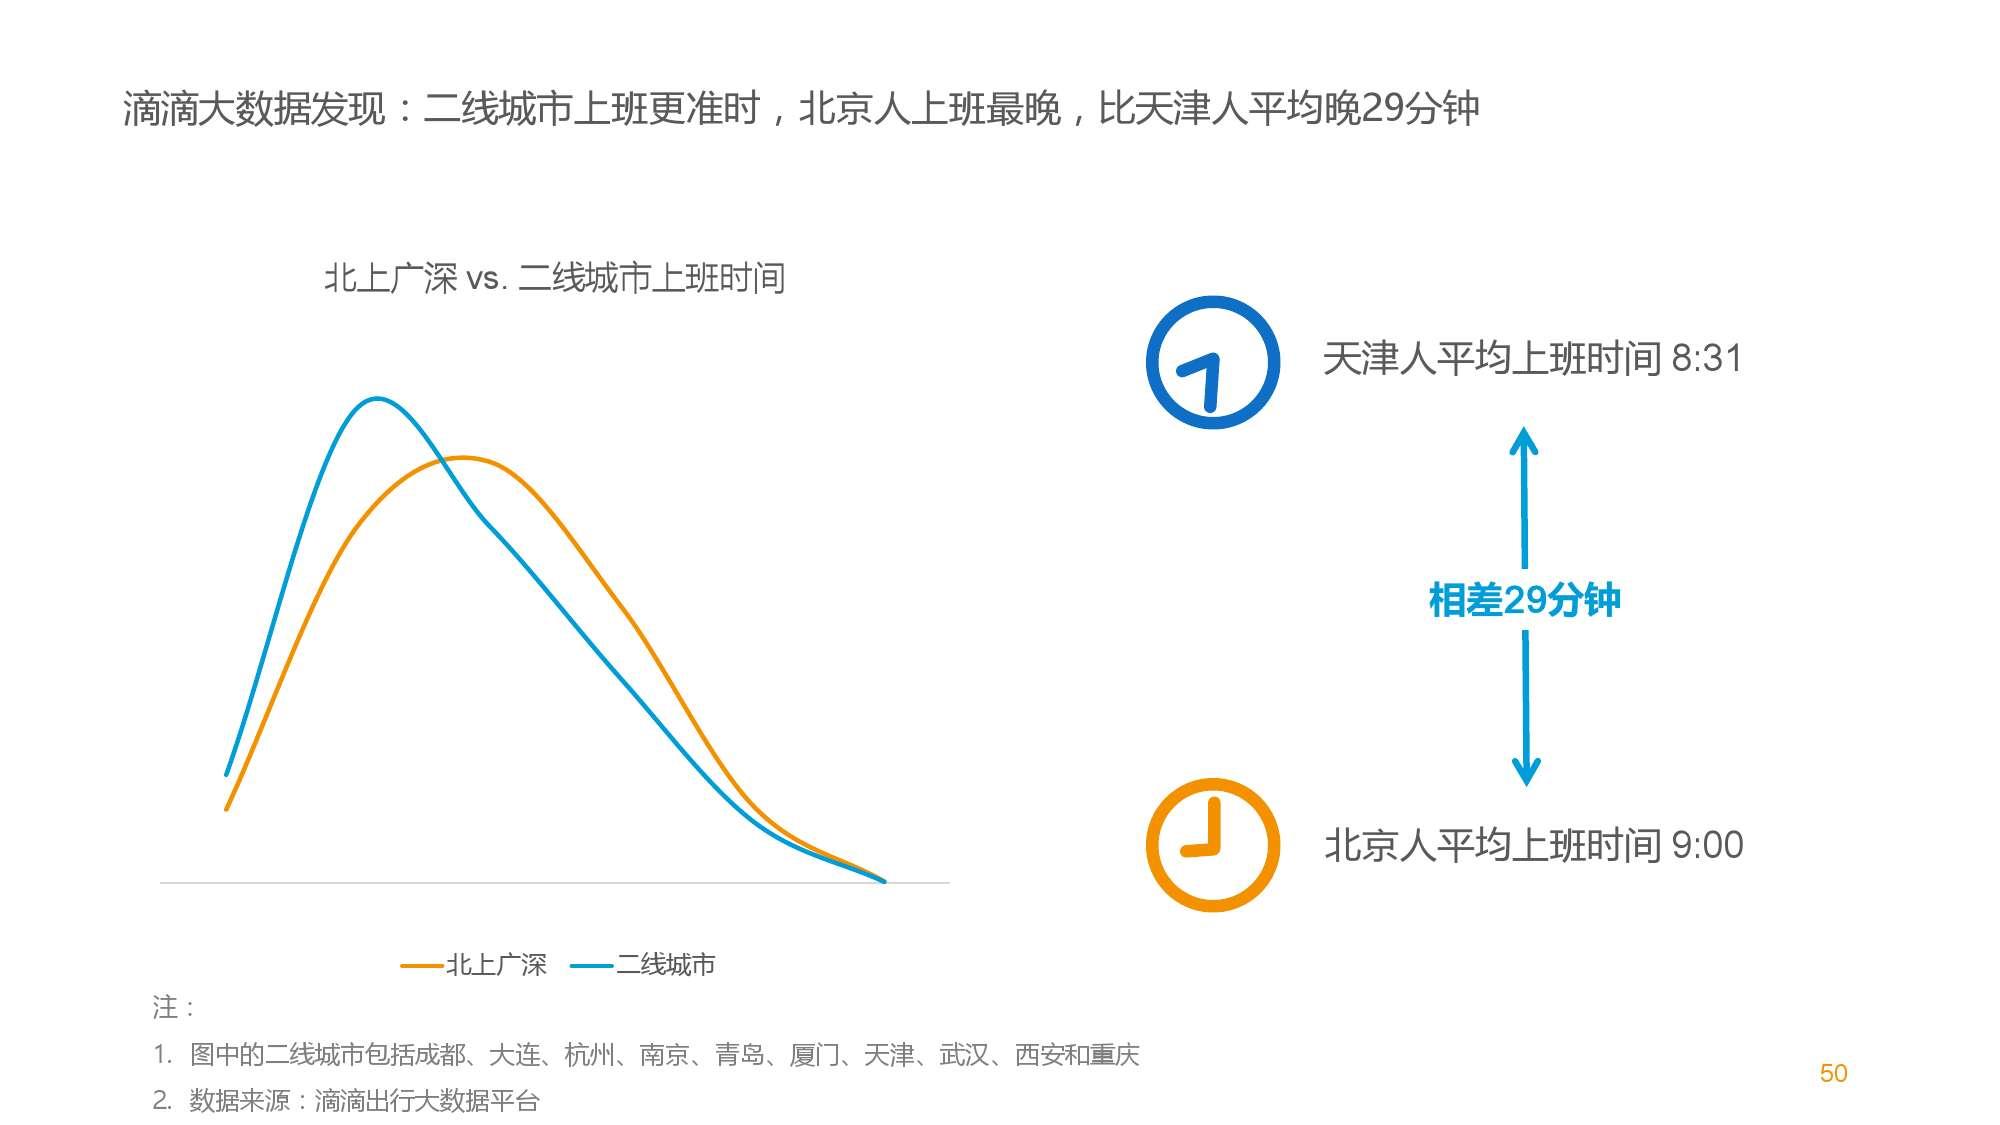 中国智能出行2015大数据报告_000050